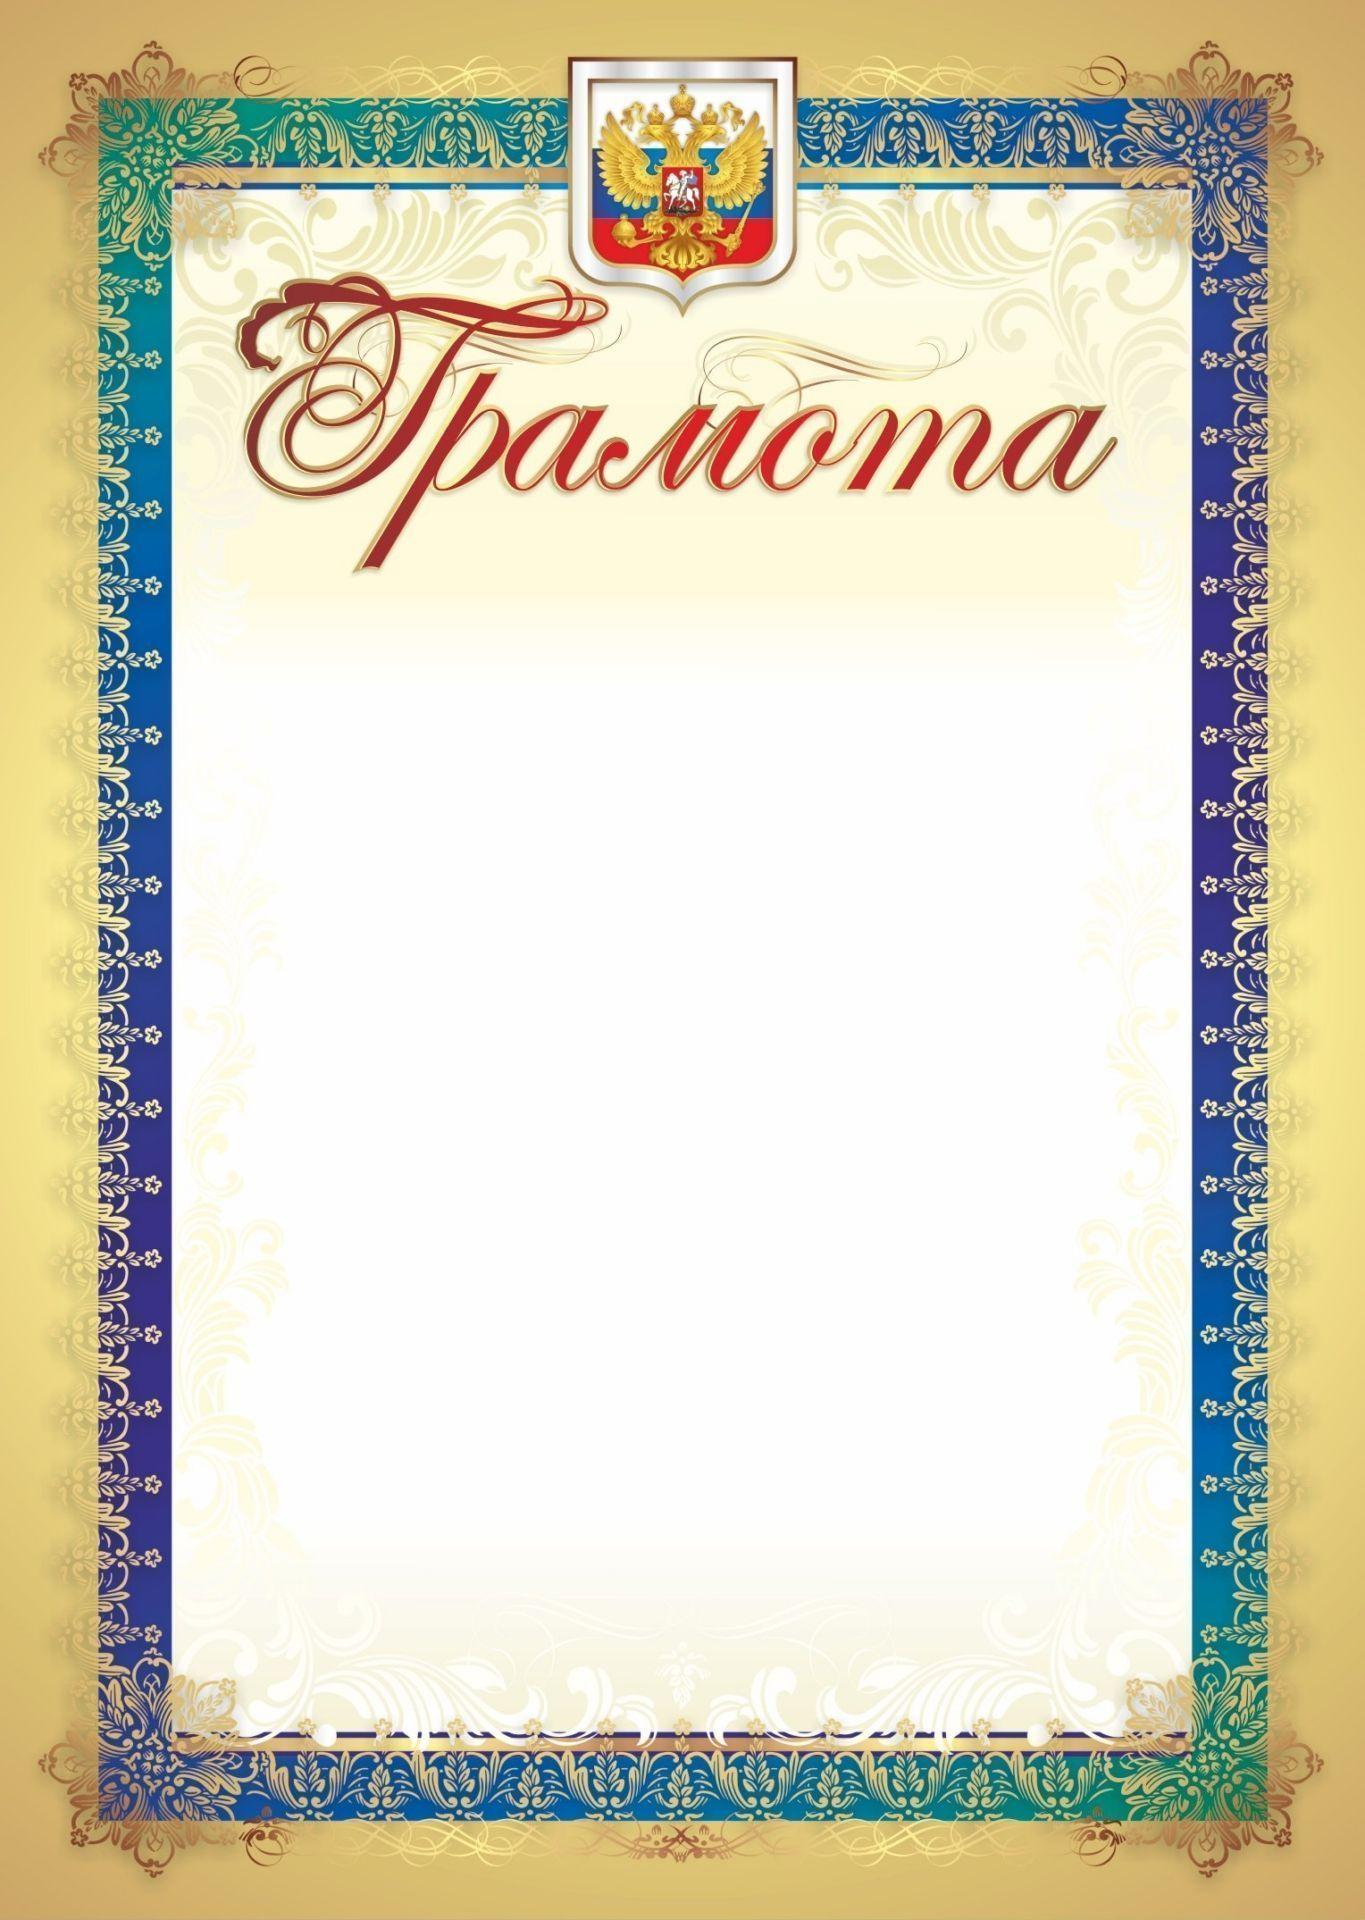 Грамота (с гербом и флагом)Общего назначения<br>Материалы:на обложку - бумага мелованная, пл. 250.00.<br><br>Год: 2017<br>Высота: 297<br>Ширина: 210